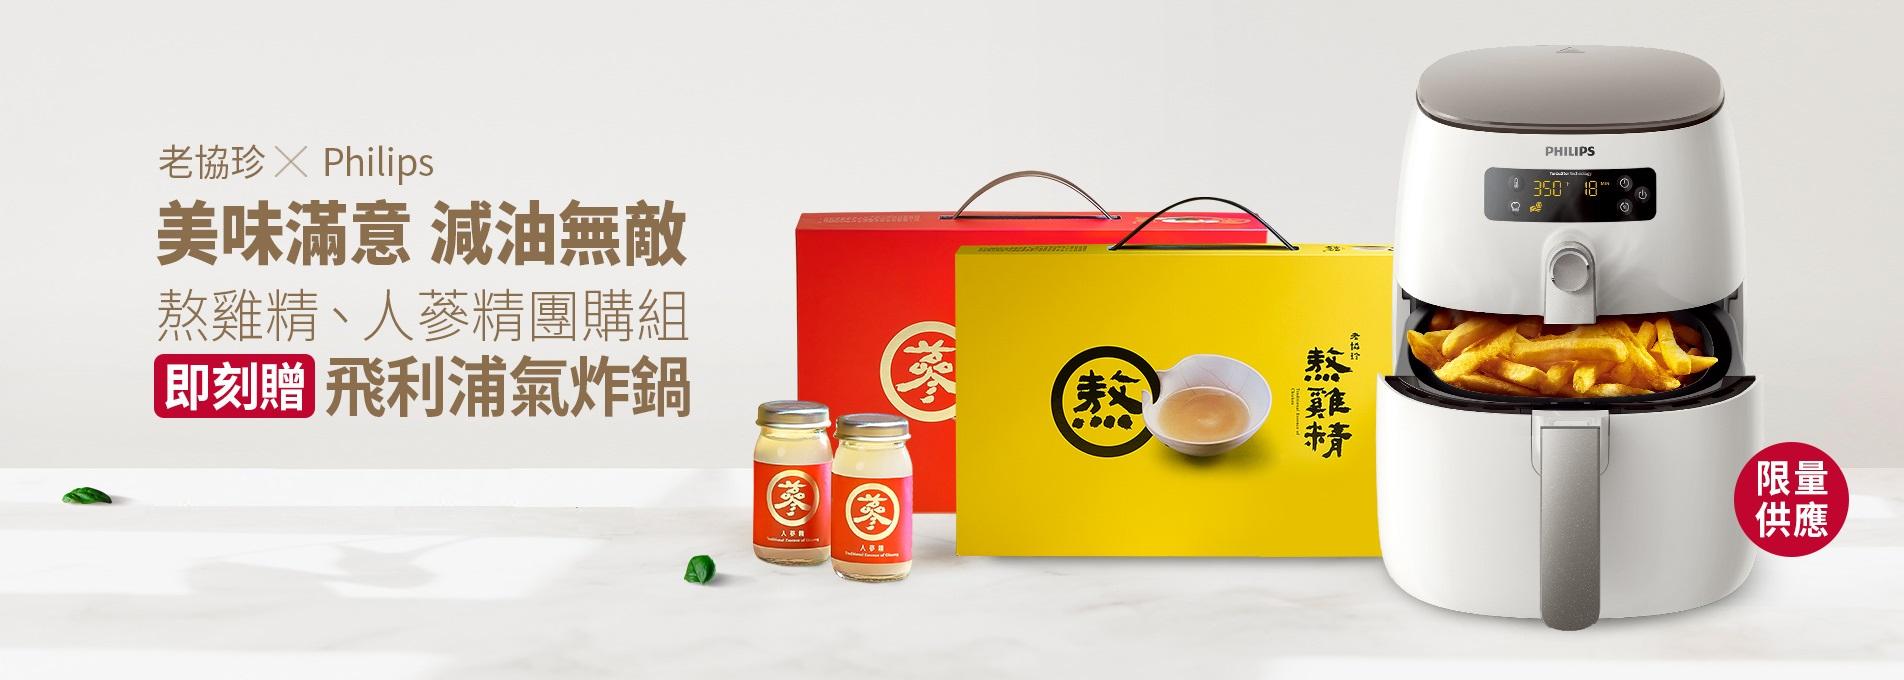 熬雞精禮盒 暖薑口味(常溫/14入)10盒